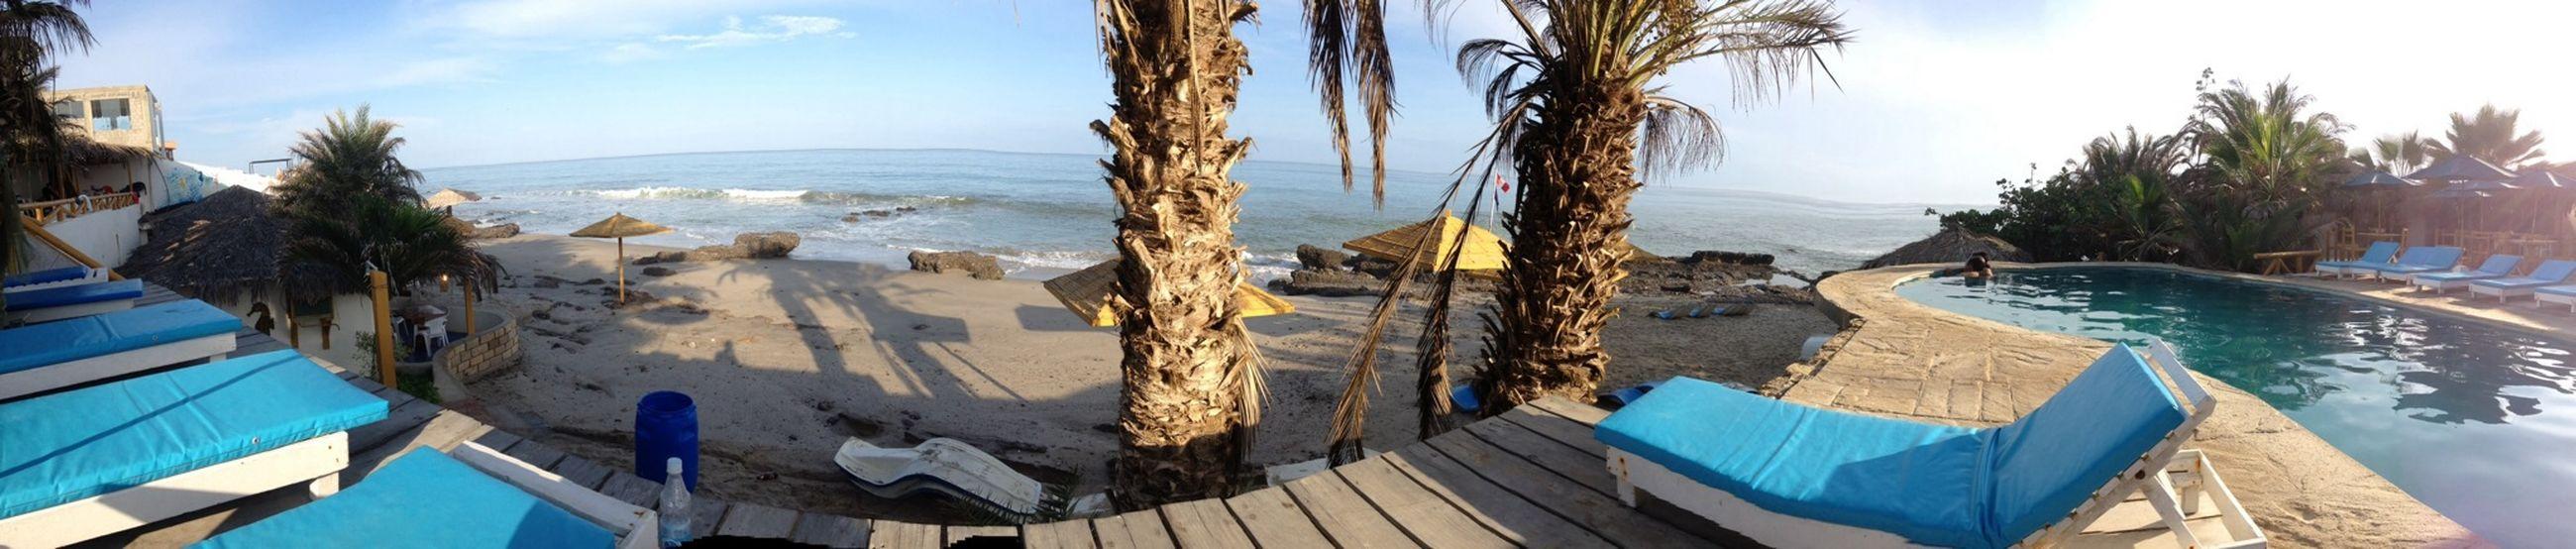 Puntasal BeachTaking Photos Sun